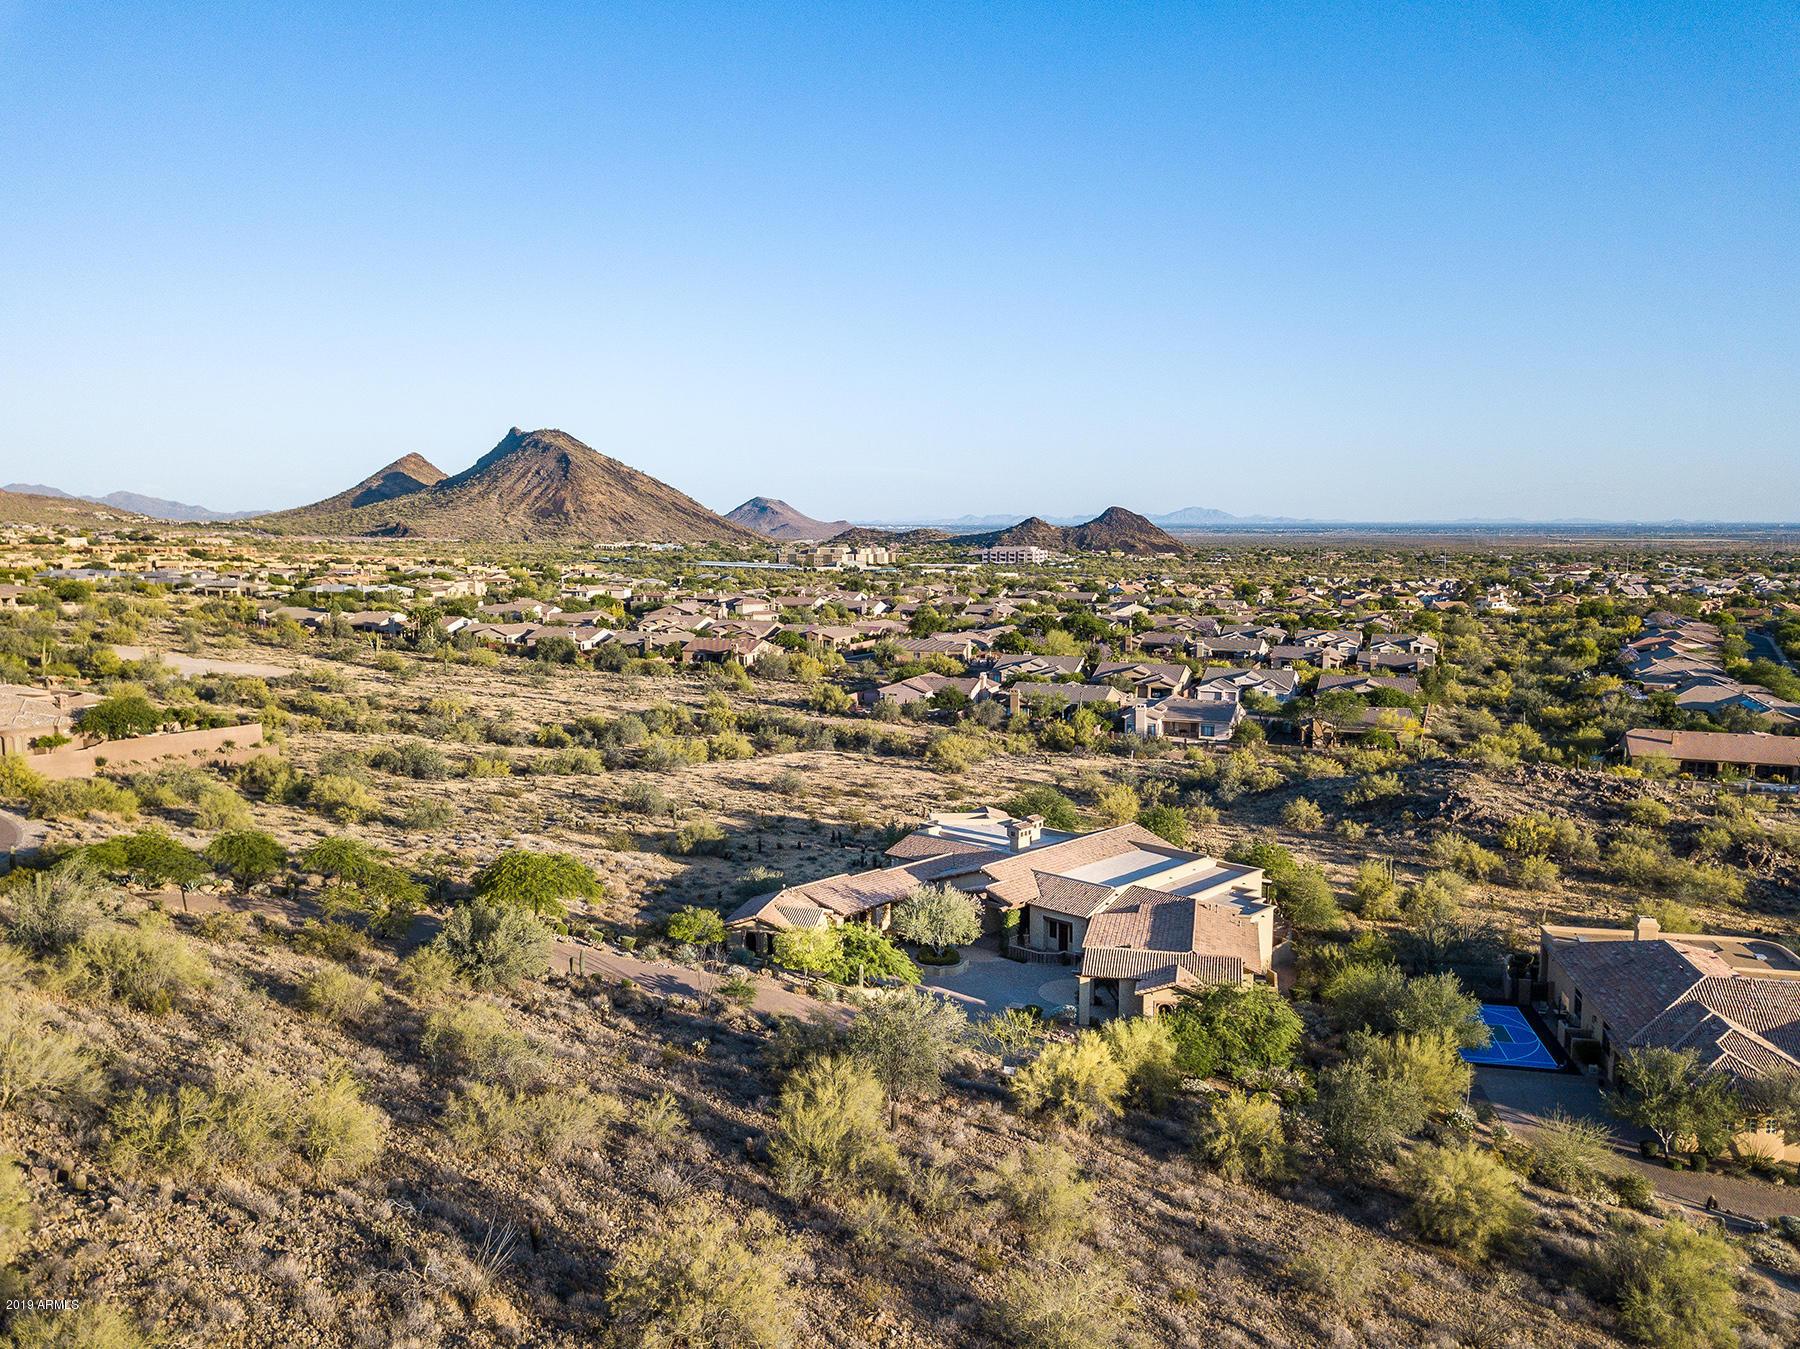 MLS 5927513 13015 E CIBOLA Road, Scottsdale, AZ 85259 Scottsdale AZ Private Pool